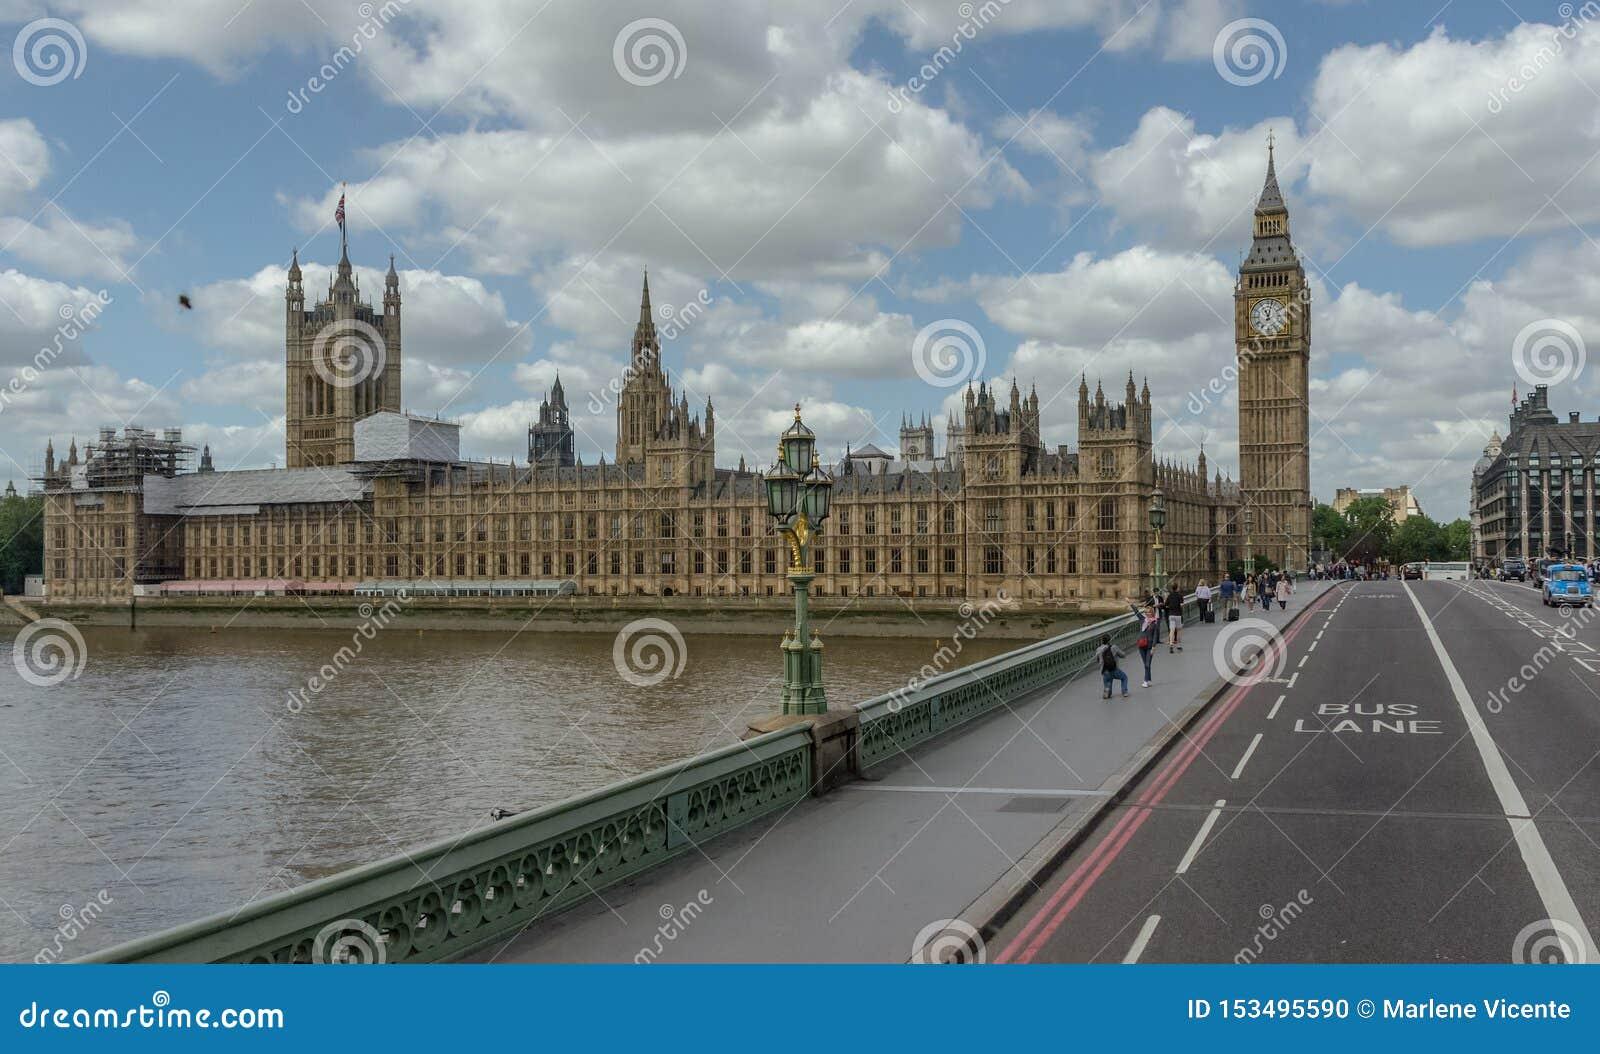 Le palais de Westminster, Chambres du Parlement, le Parlement britannique Le Royaume-Uni, Londres